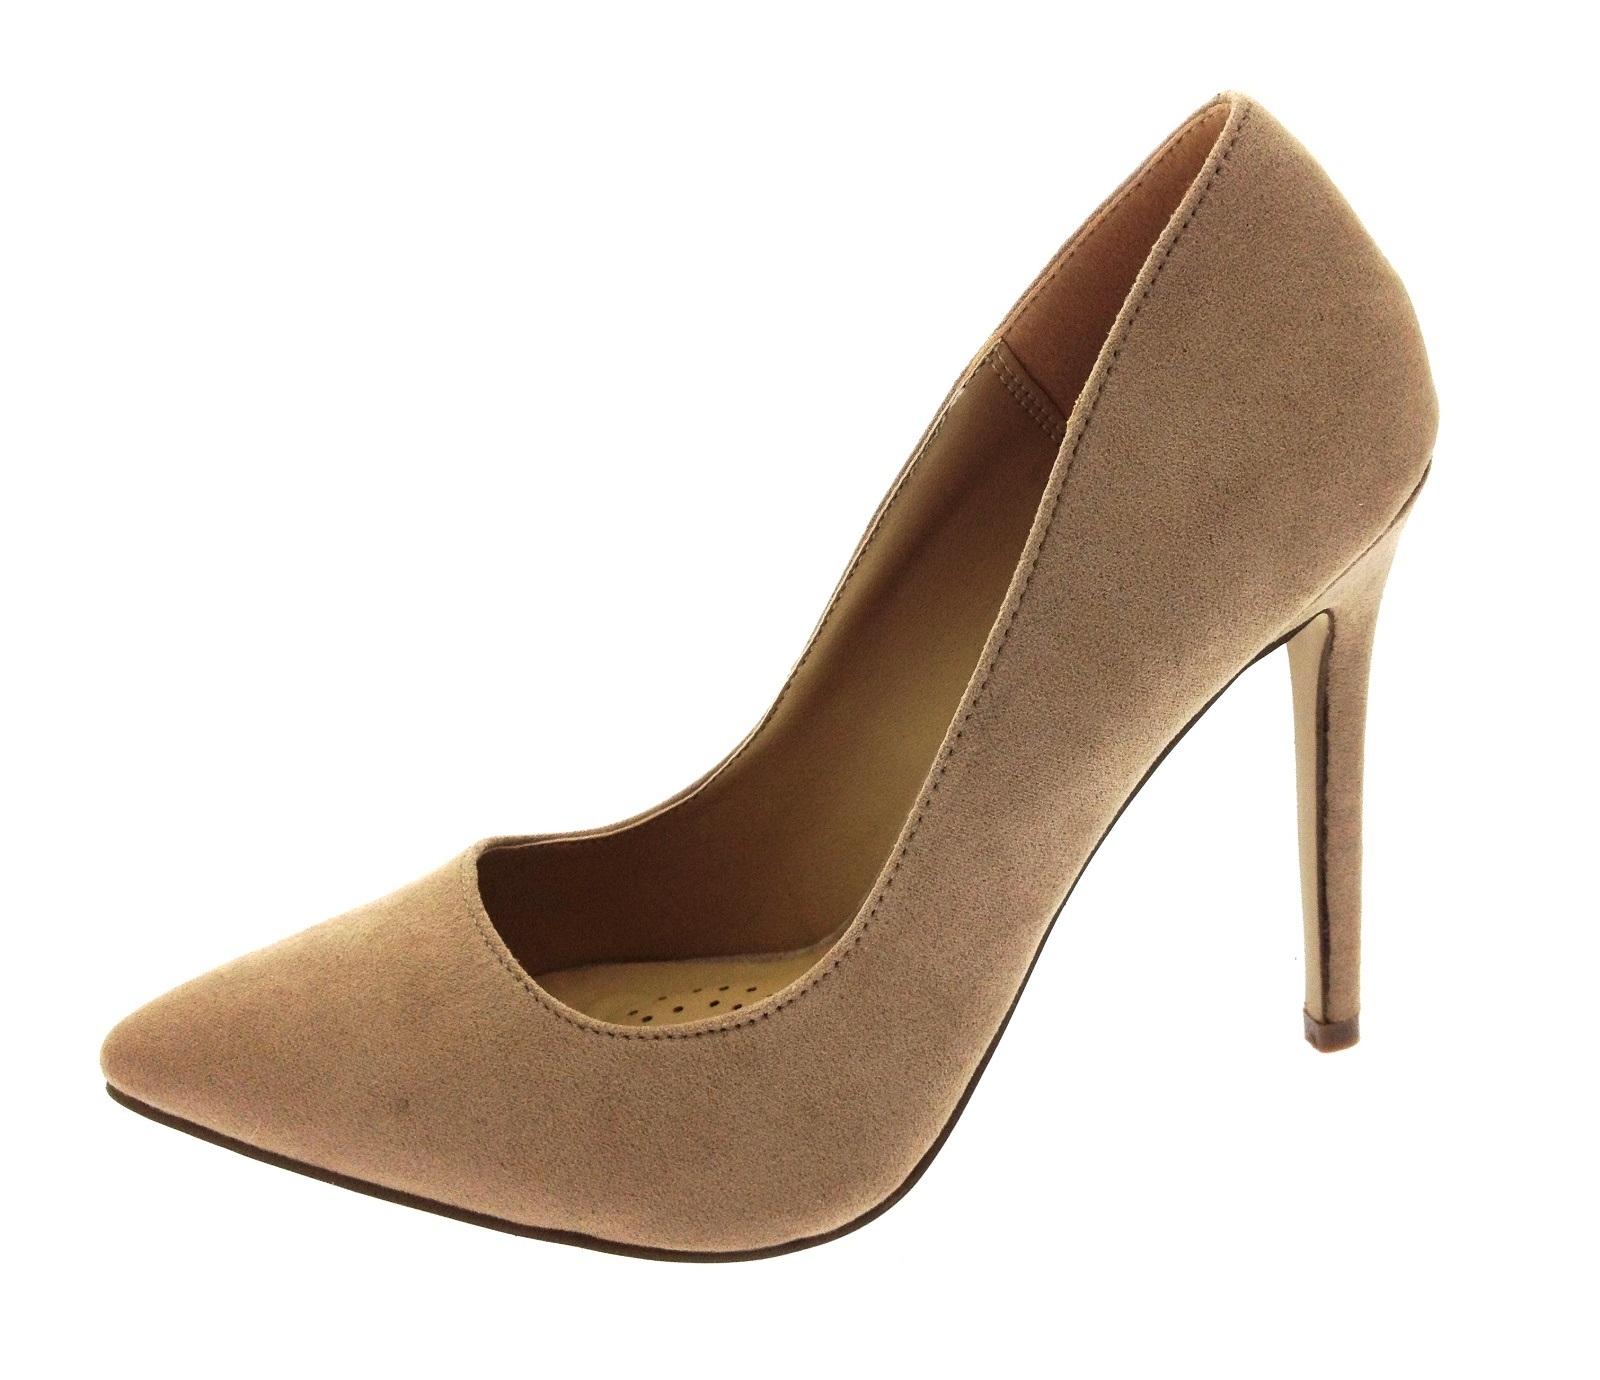 Court heels picture 92